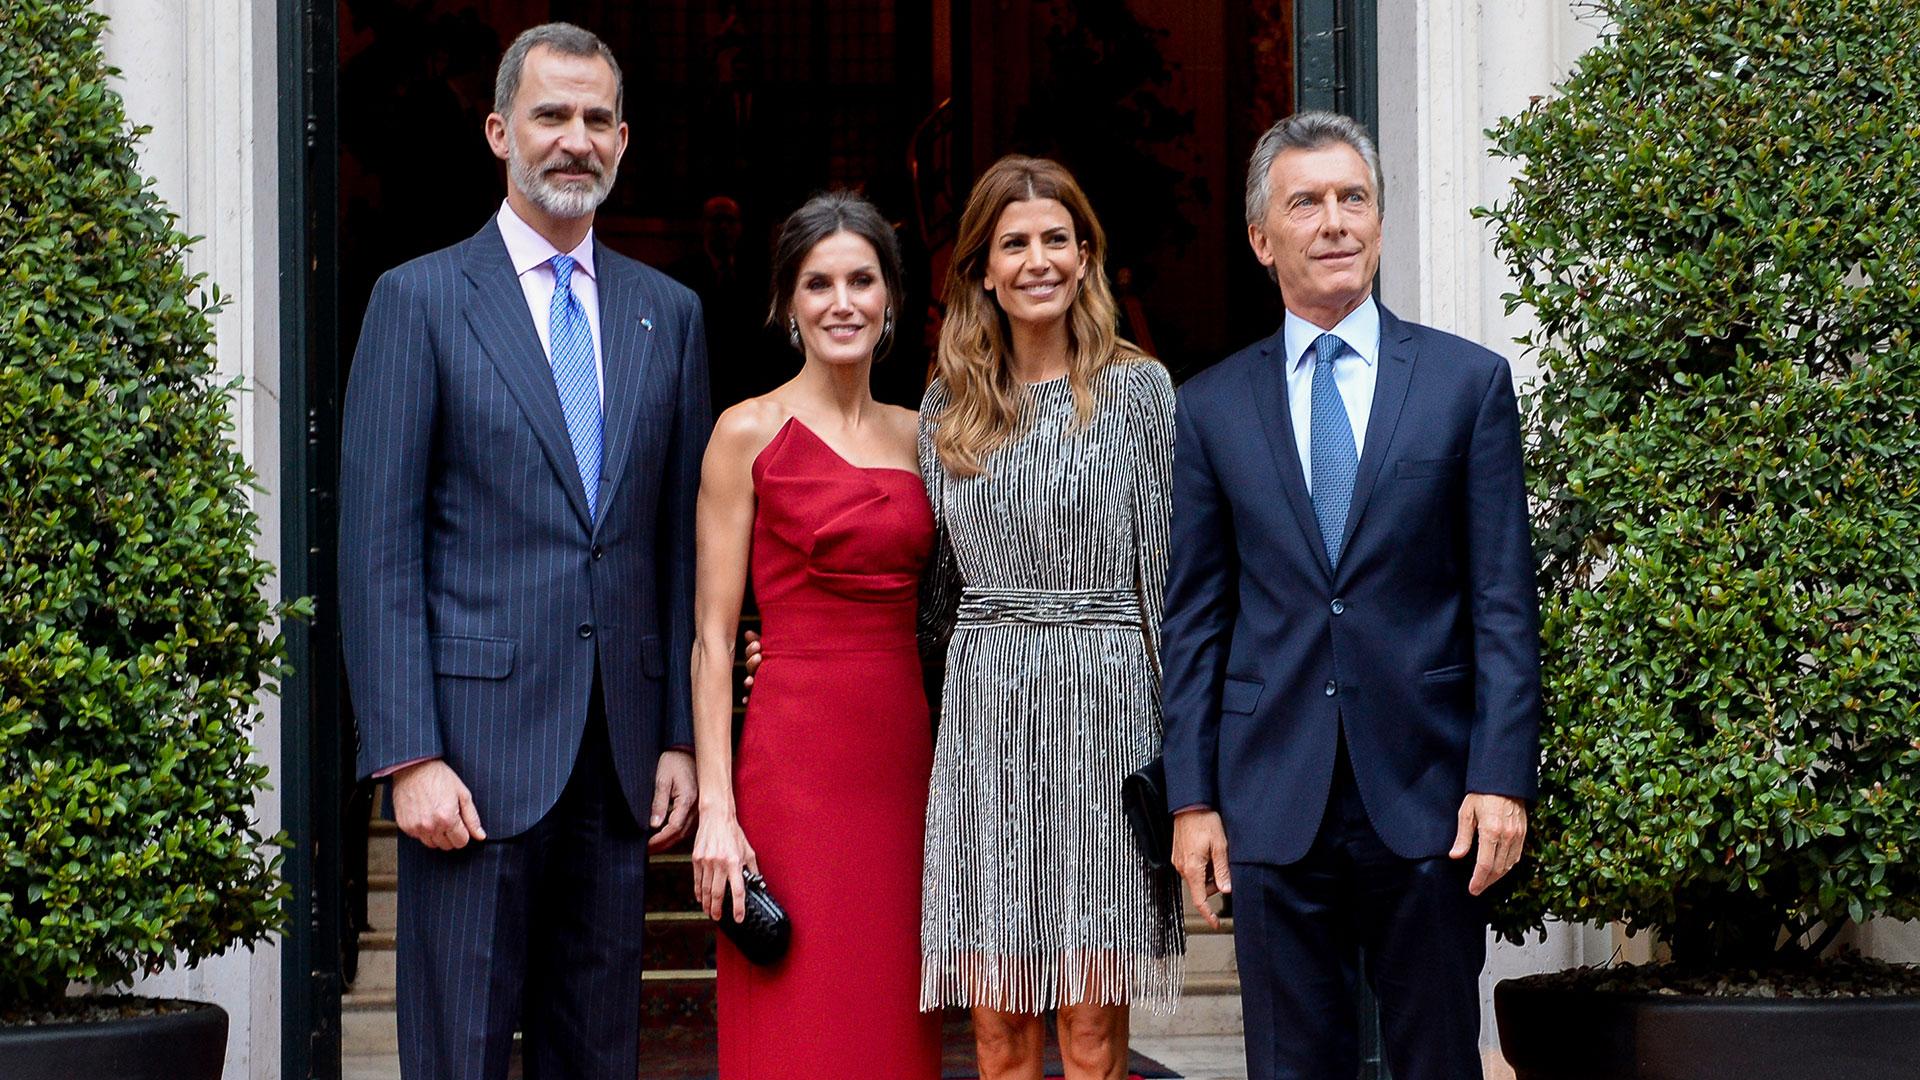 Los reyes de España, Felipe VI y Letizia, ofrecieron una recepción en honor al presidente Mauricio Macri y la primera dama, Juliana Awada, en el hotel Four Seasons